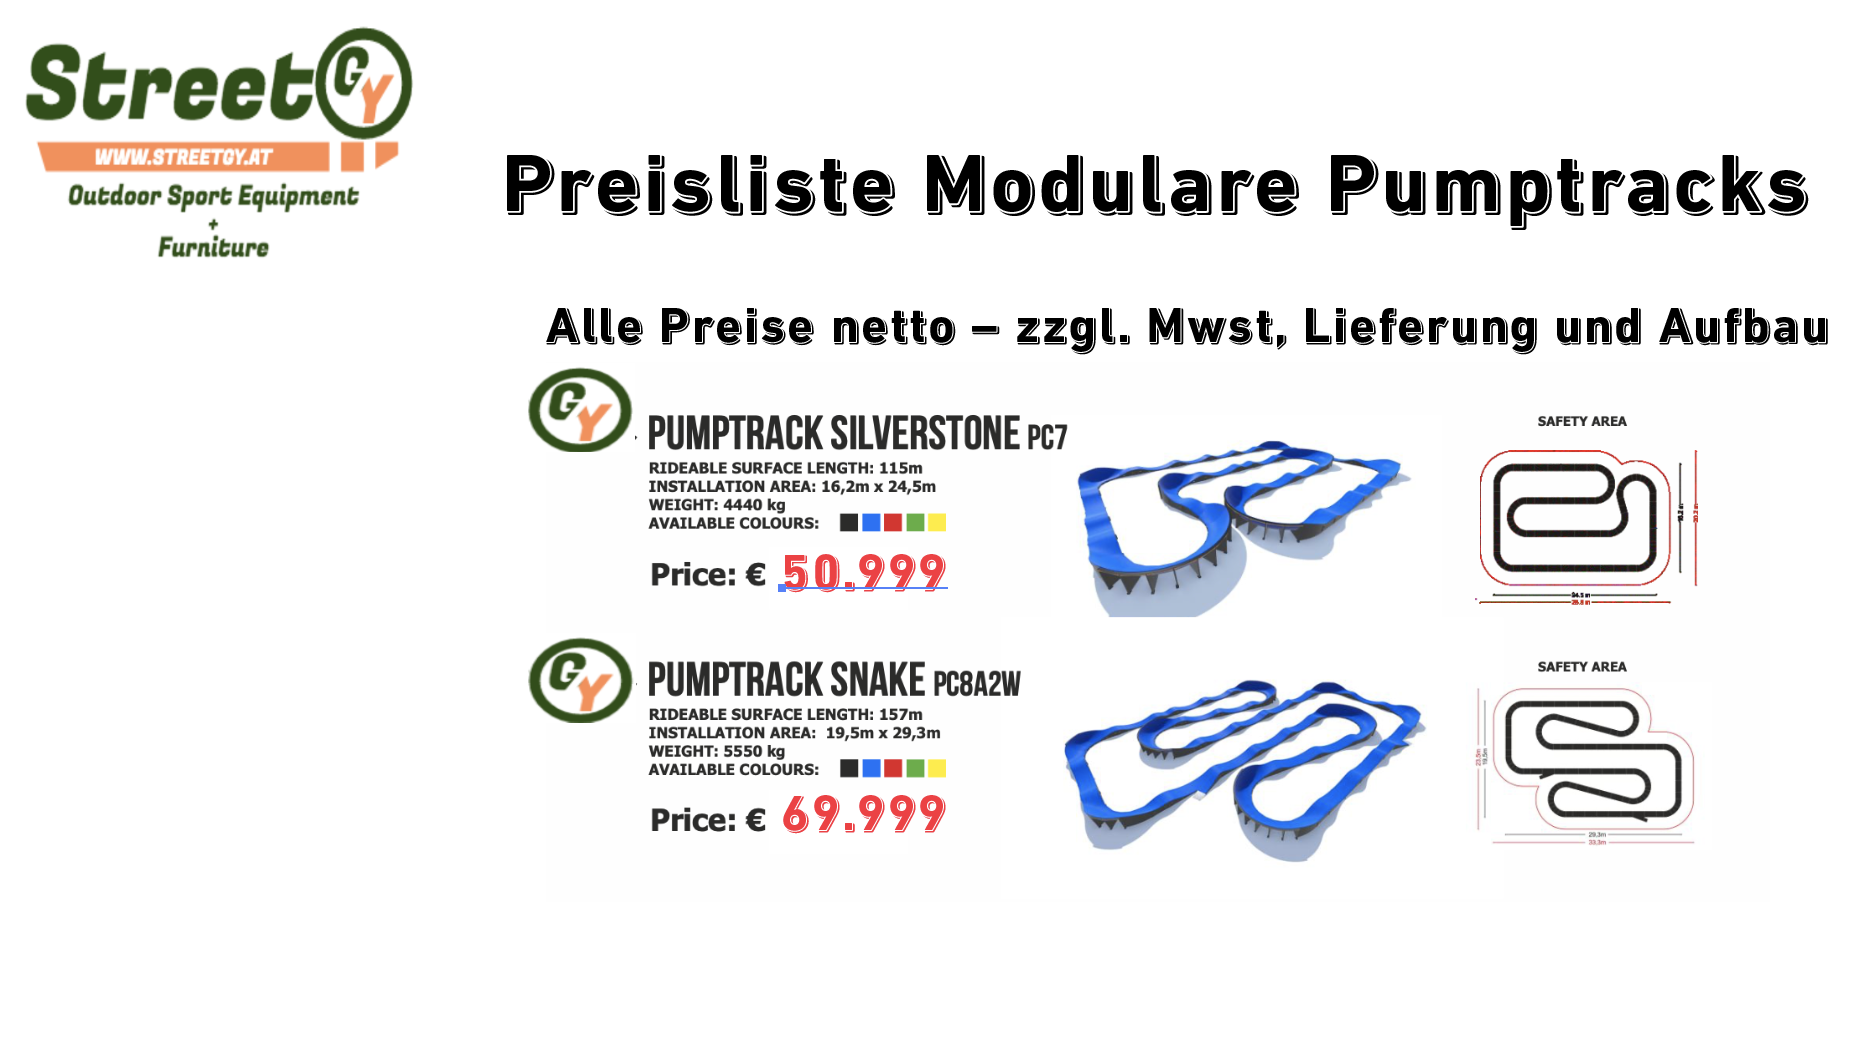 ❤️ Preisliste für Modulare Pumptracks. ❤️ ➡️ Hier finden Sie alle Informationen zu: Pumptrack Preis, Pumptrack kosten und Förderungen für Pumptracks Teil 5